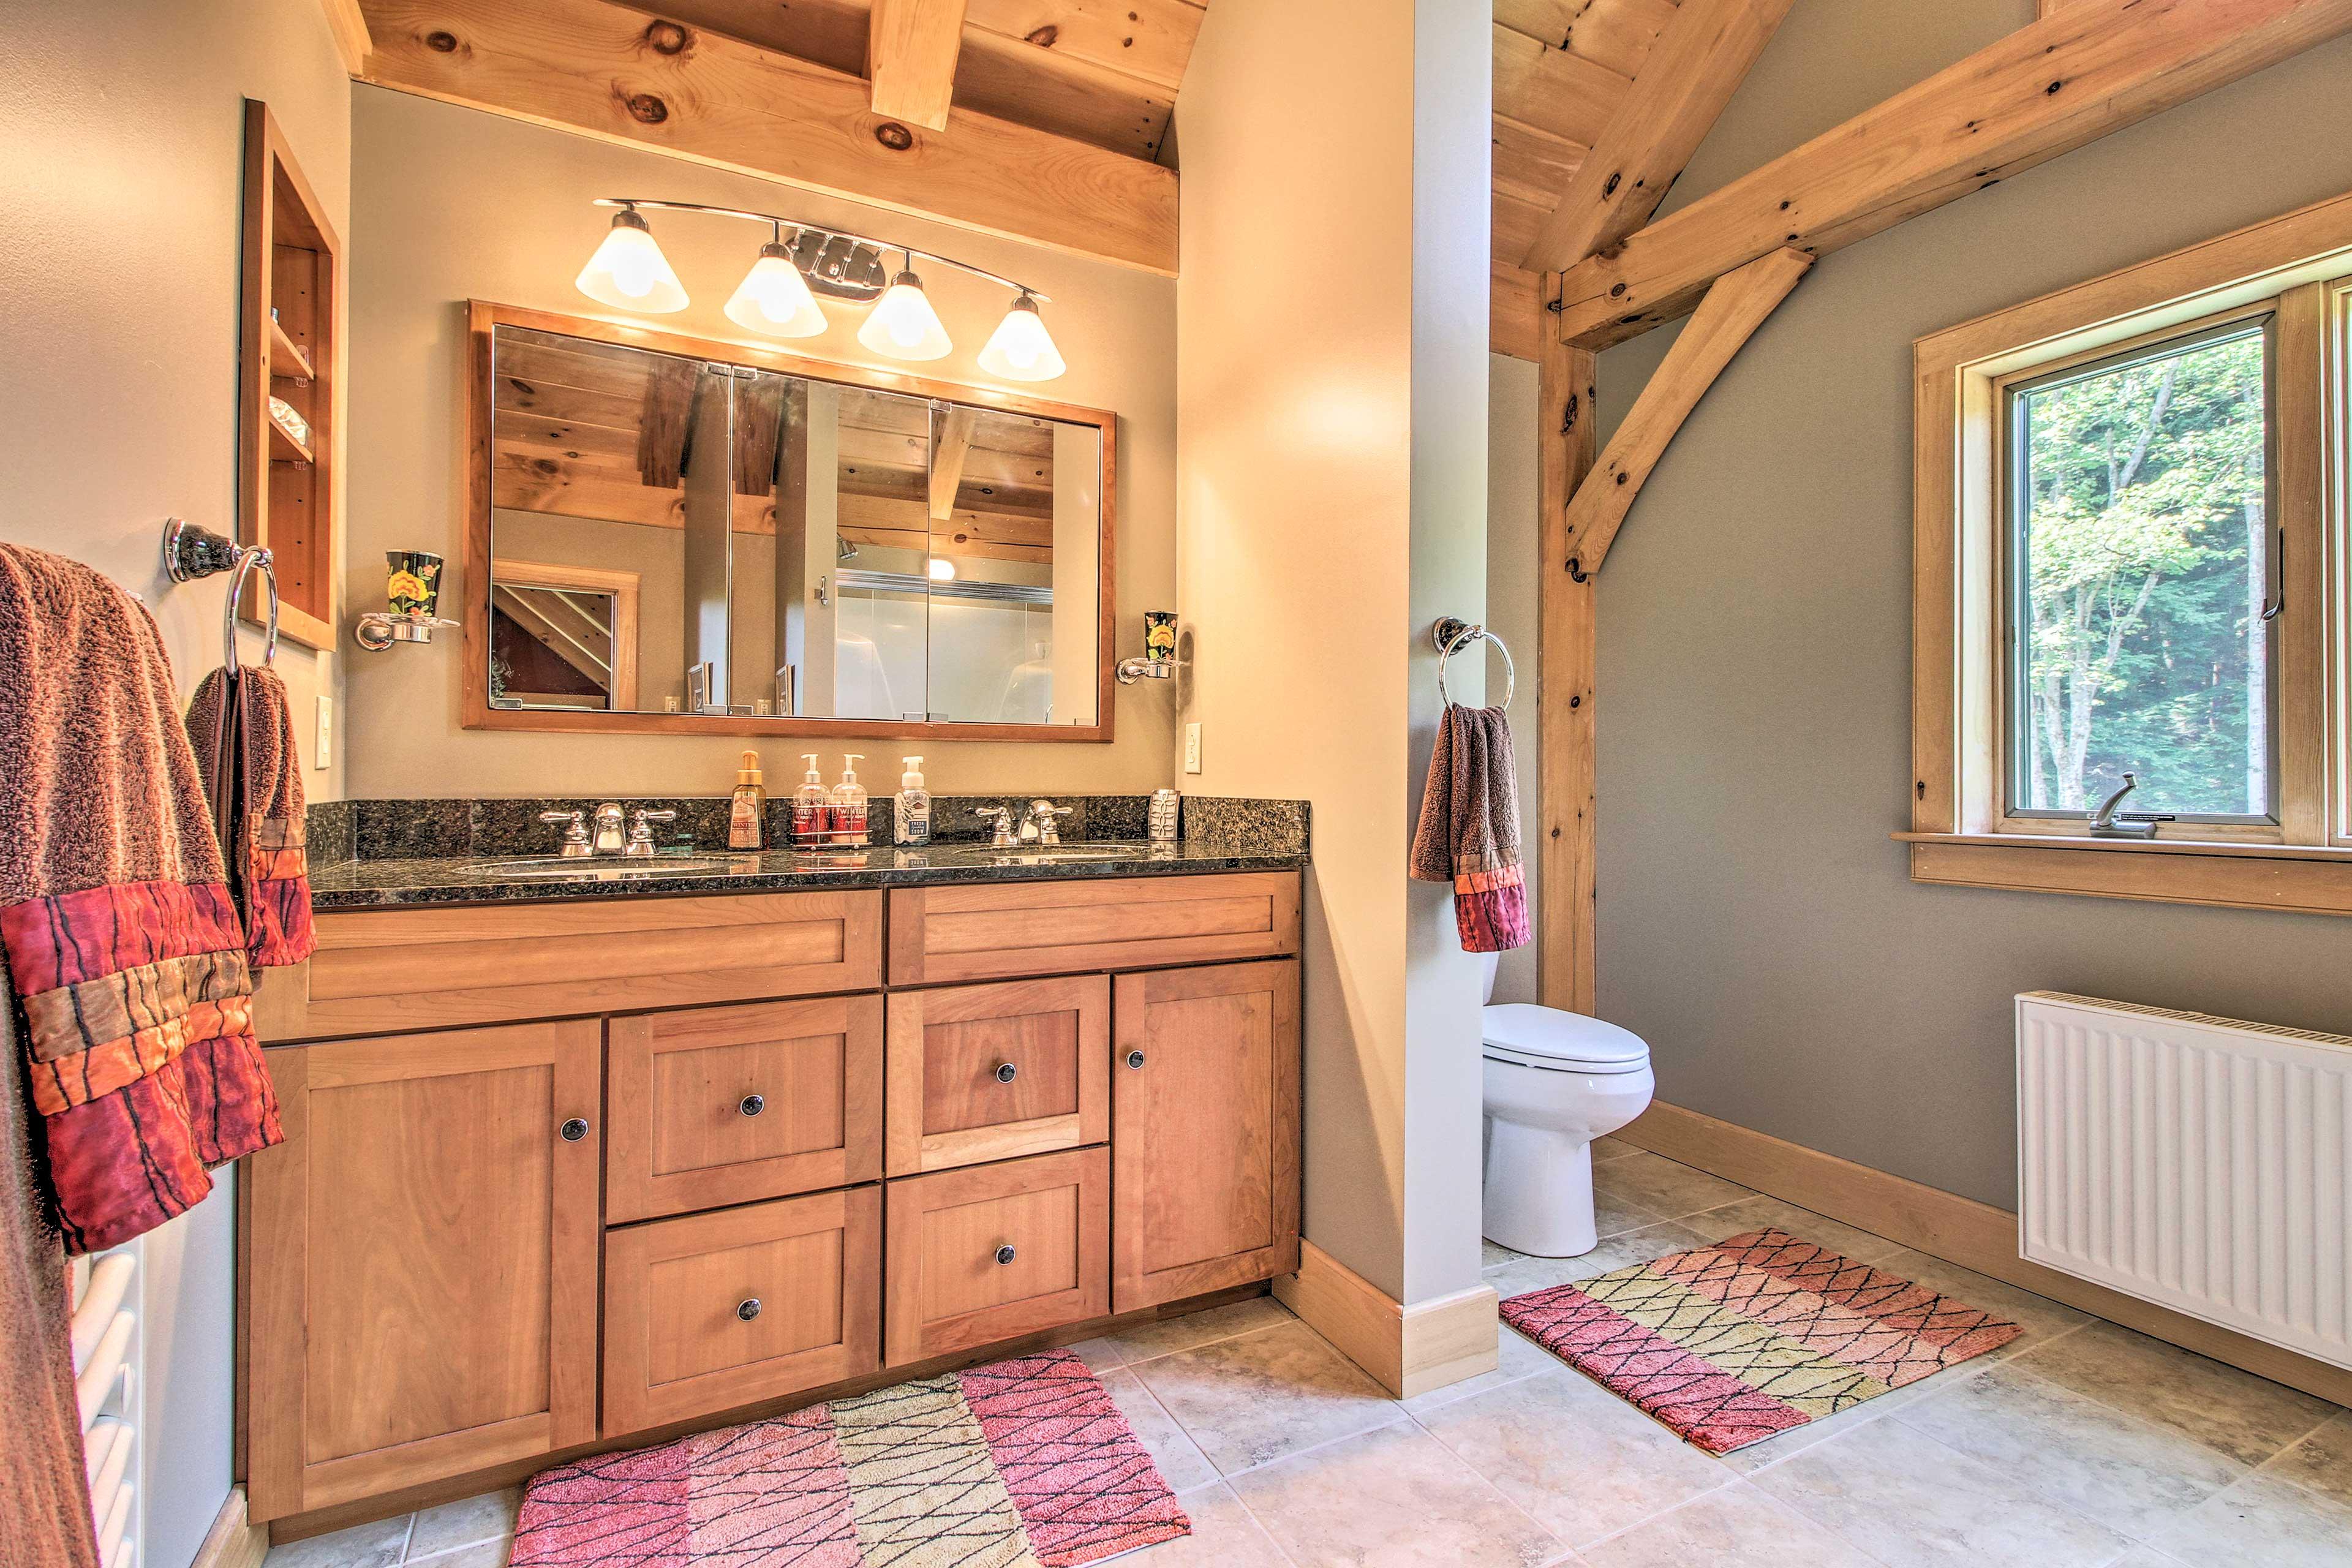 The en-suite bathroom has a dual sink vanity.